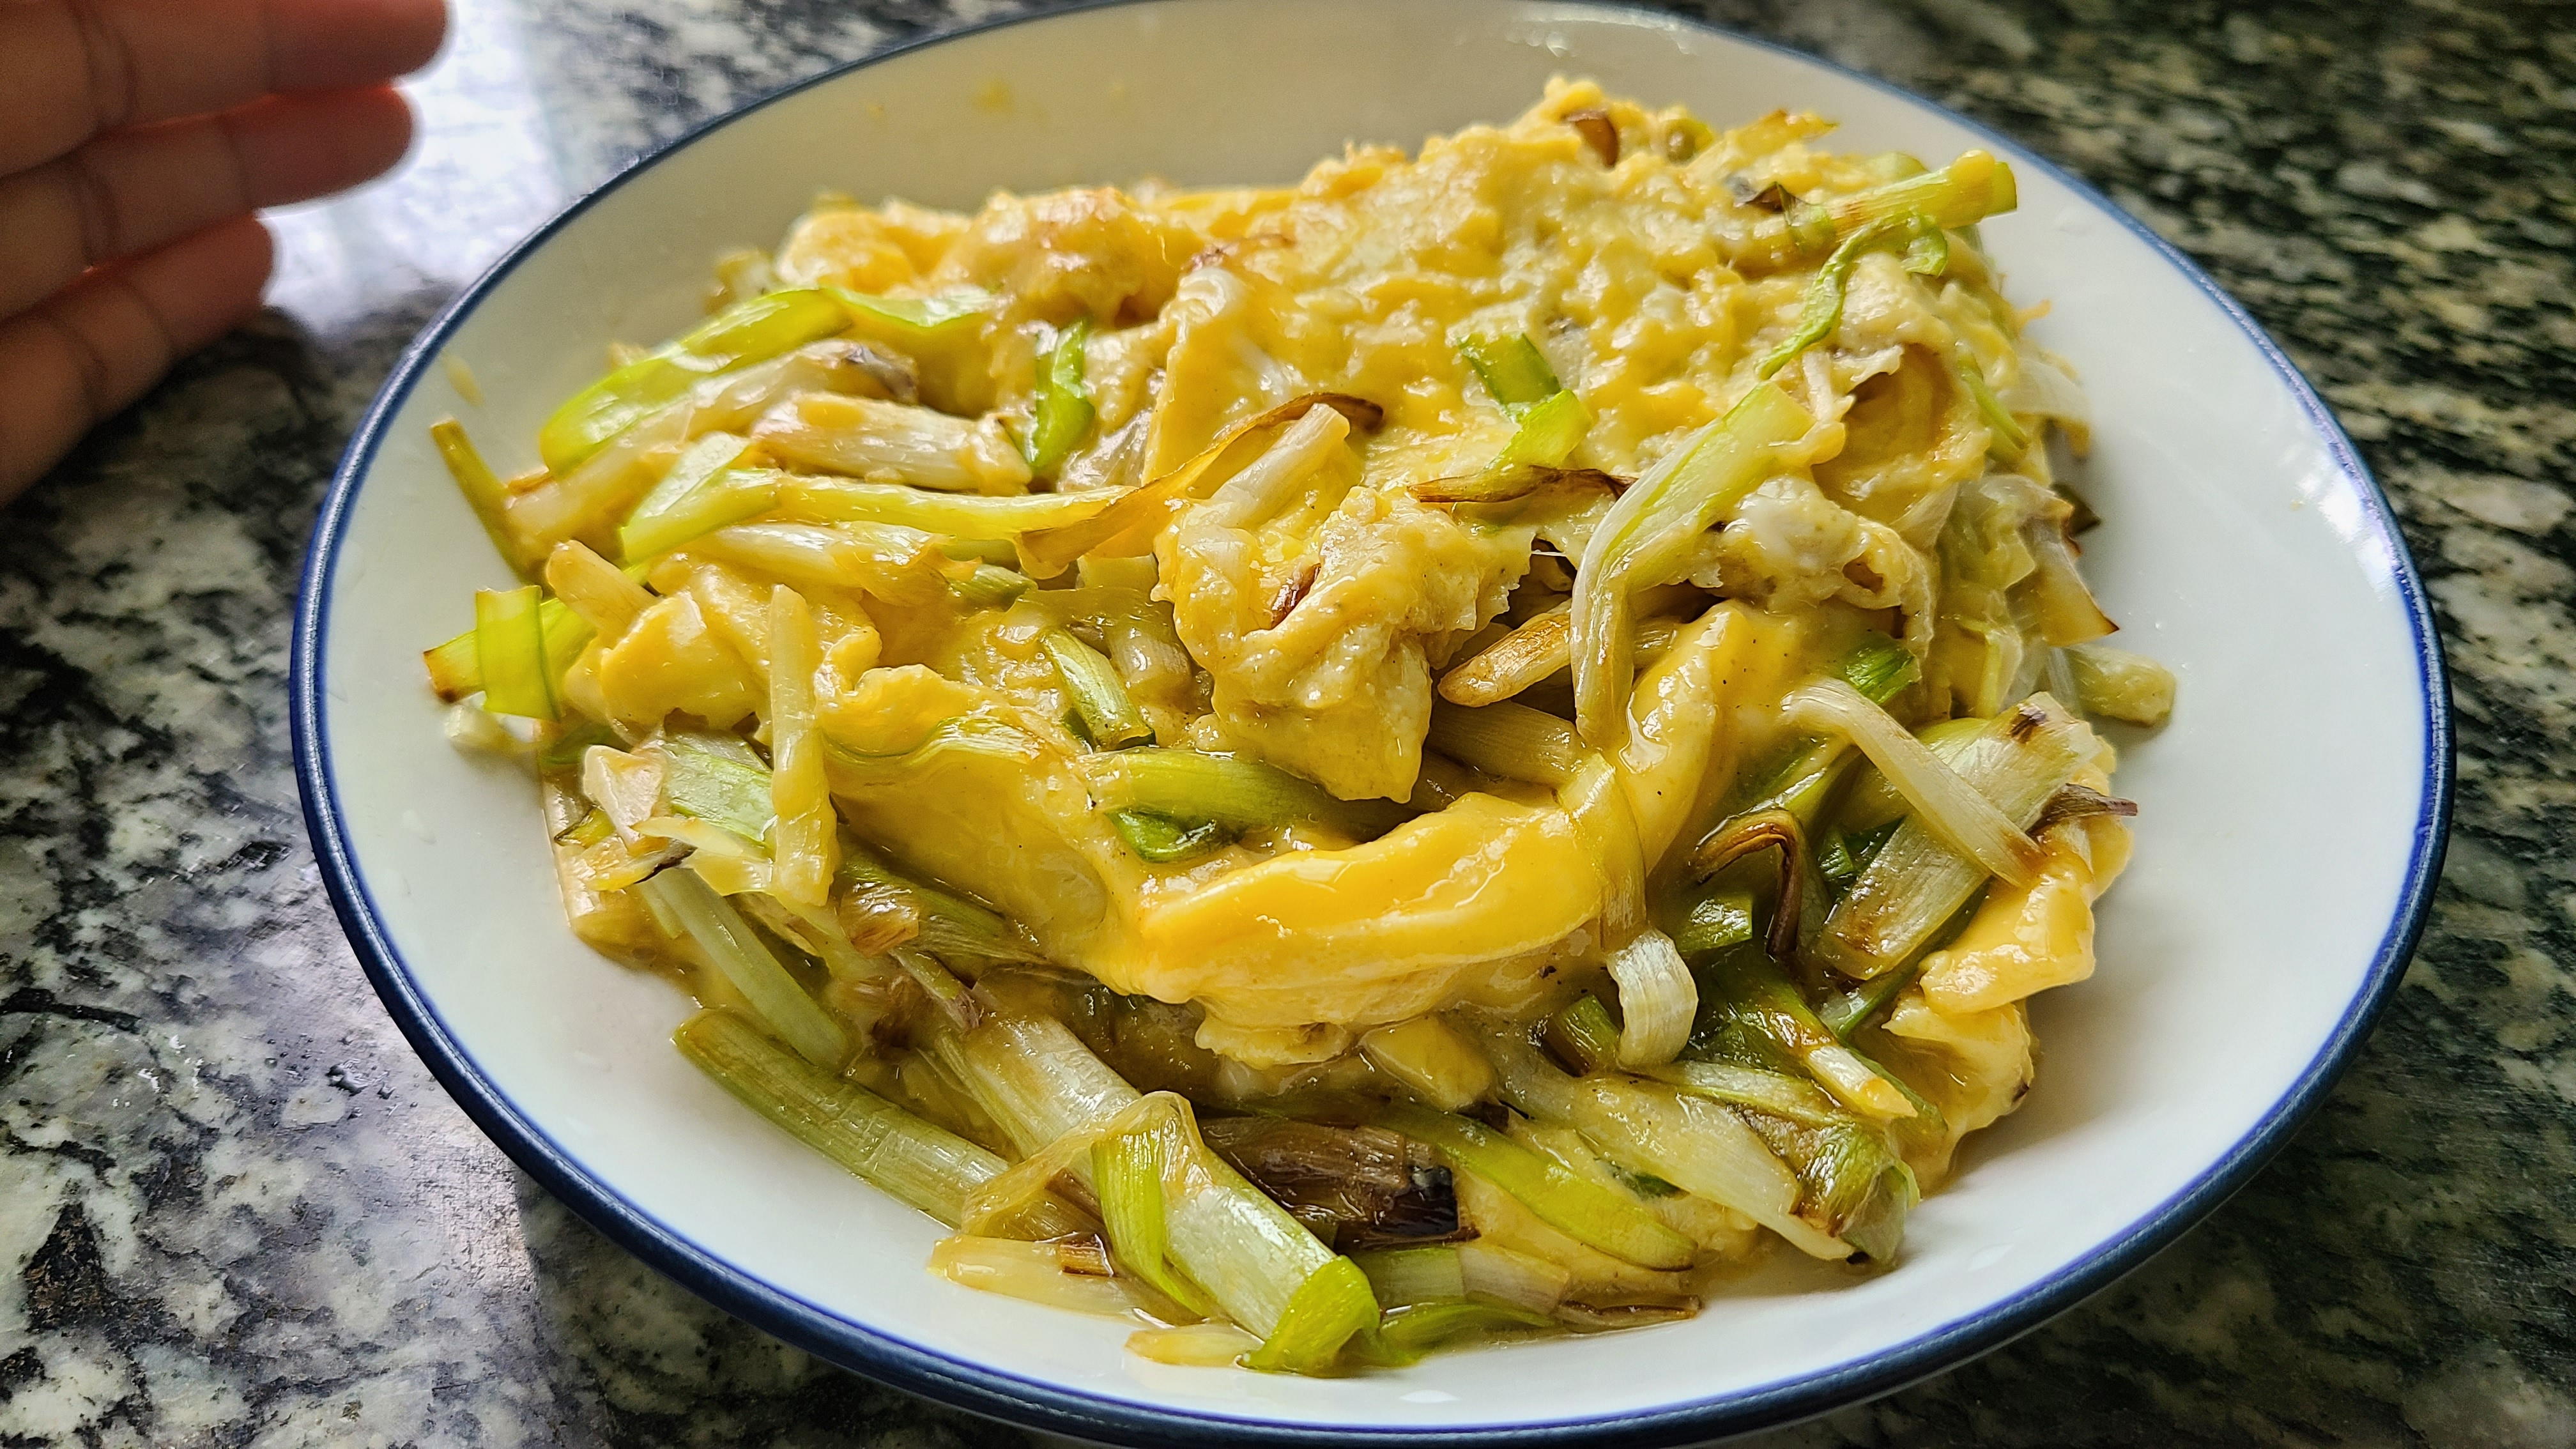 韭黄滑蛋,广东很出名的做法,又嫩又滑又好吃,太香了